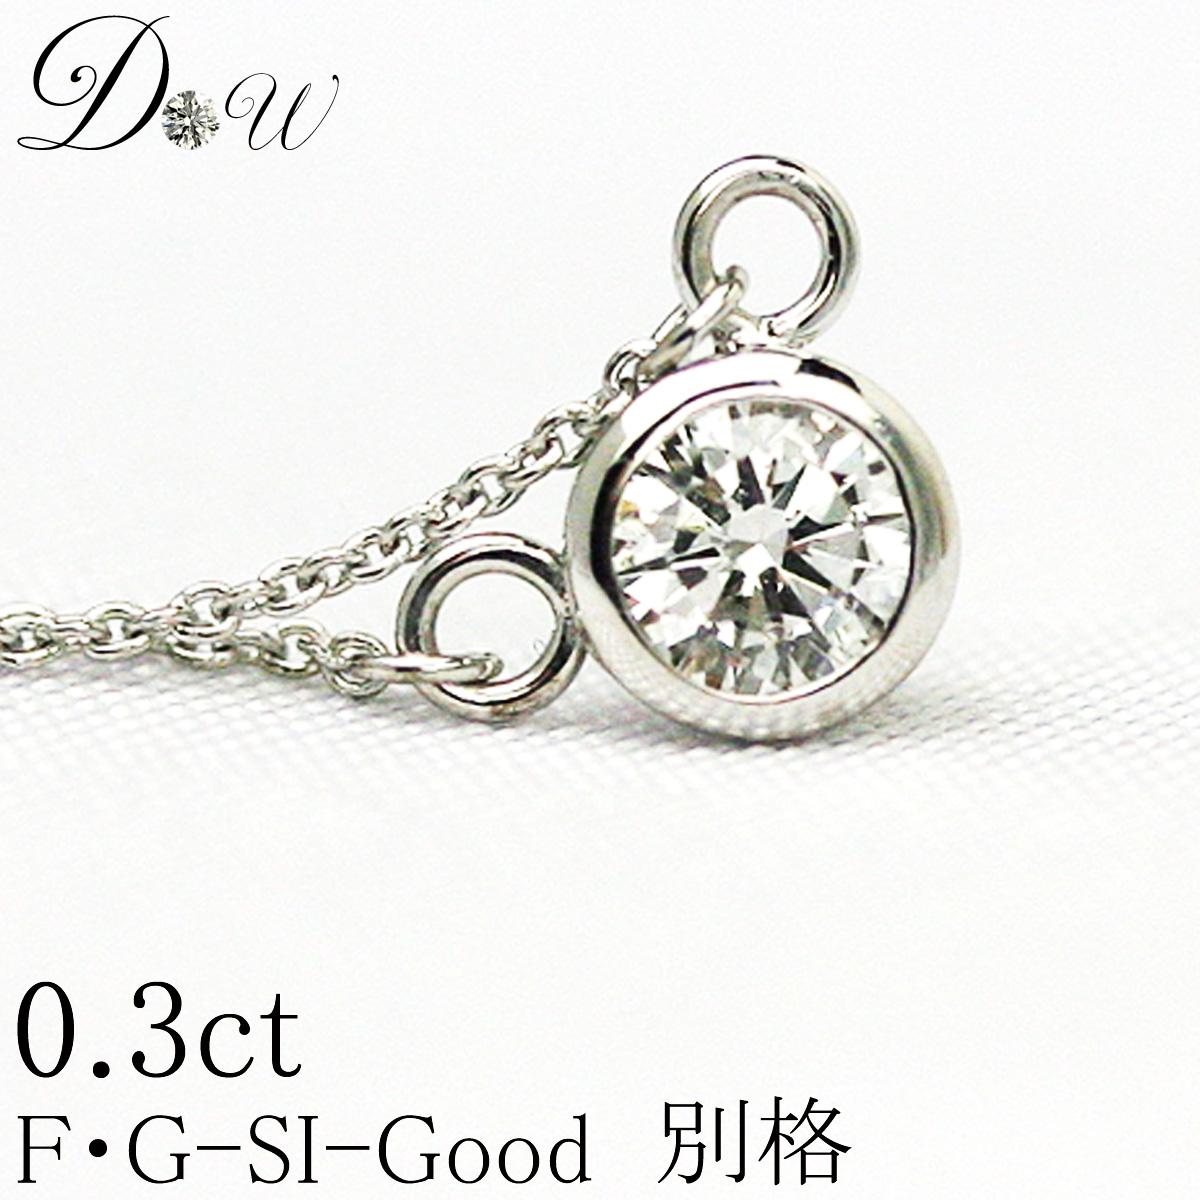 ダイヤモンド ネックレス 一粒 0.3ct 送料無料 一粒ダイヤ ネックレス ダイヤモンド 一粒ダイヤ ダイヤモンド ネックレス 一粒 0.3 ダイヤ 一粒ダイヤ ネックレス ダイヤモンド ネックレス 一粒 ダイヤ